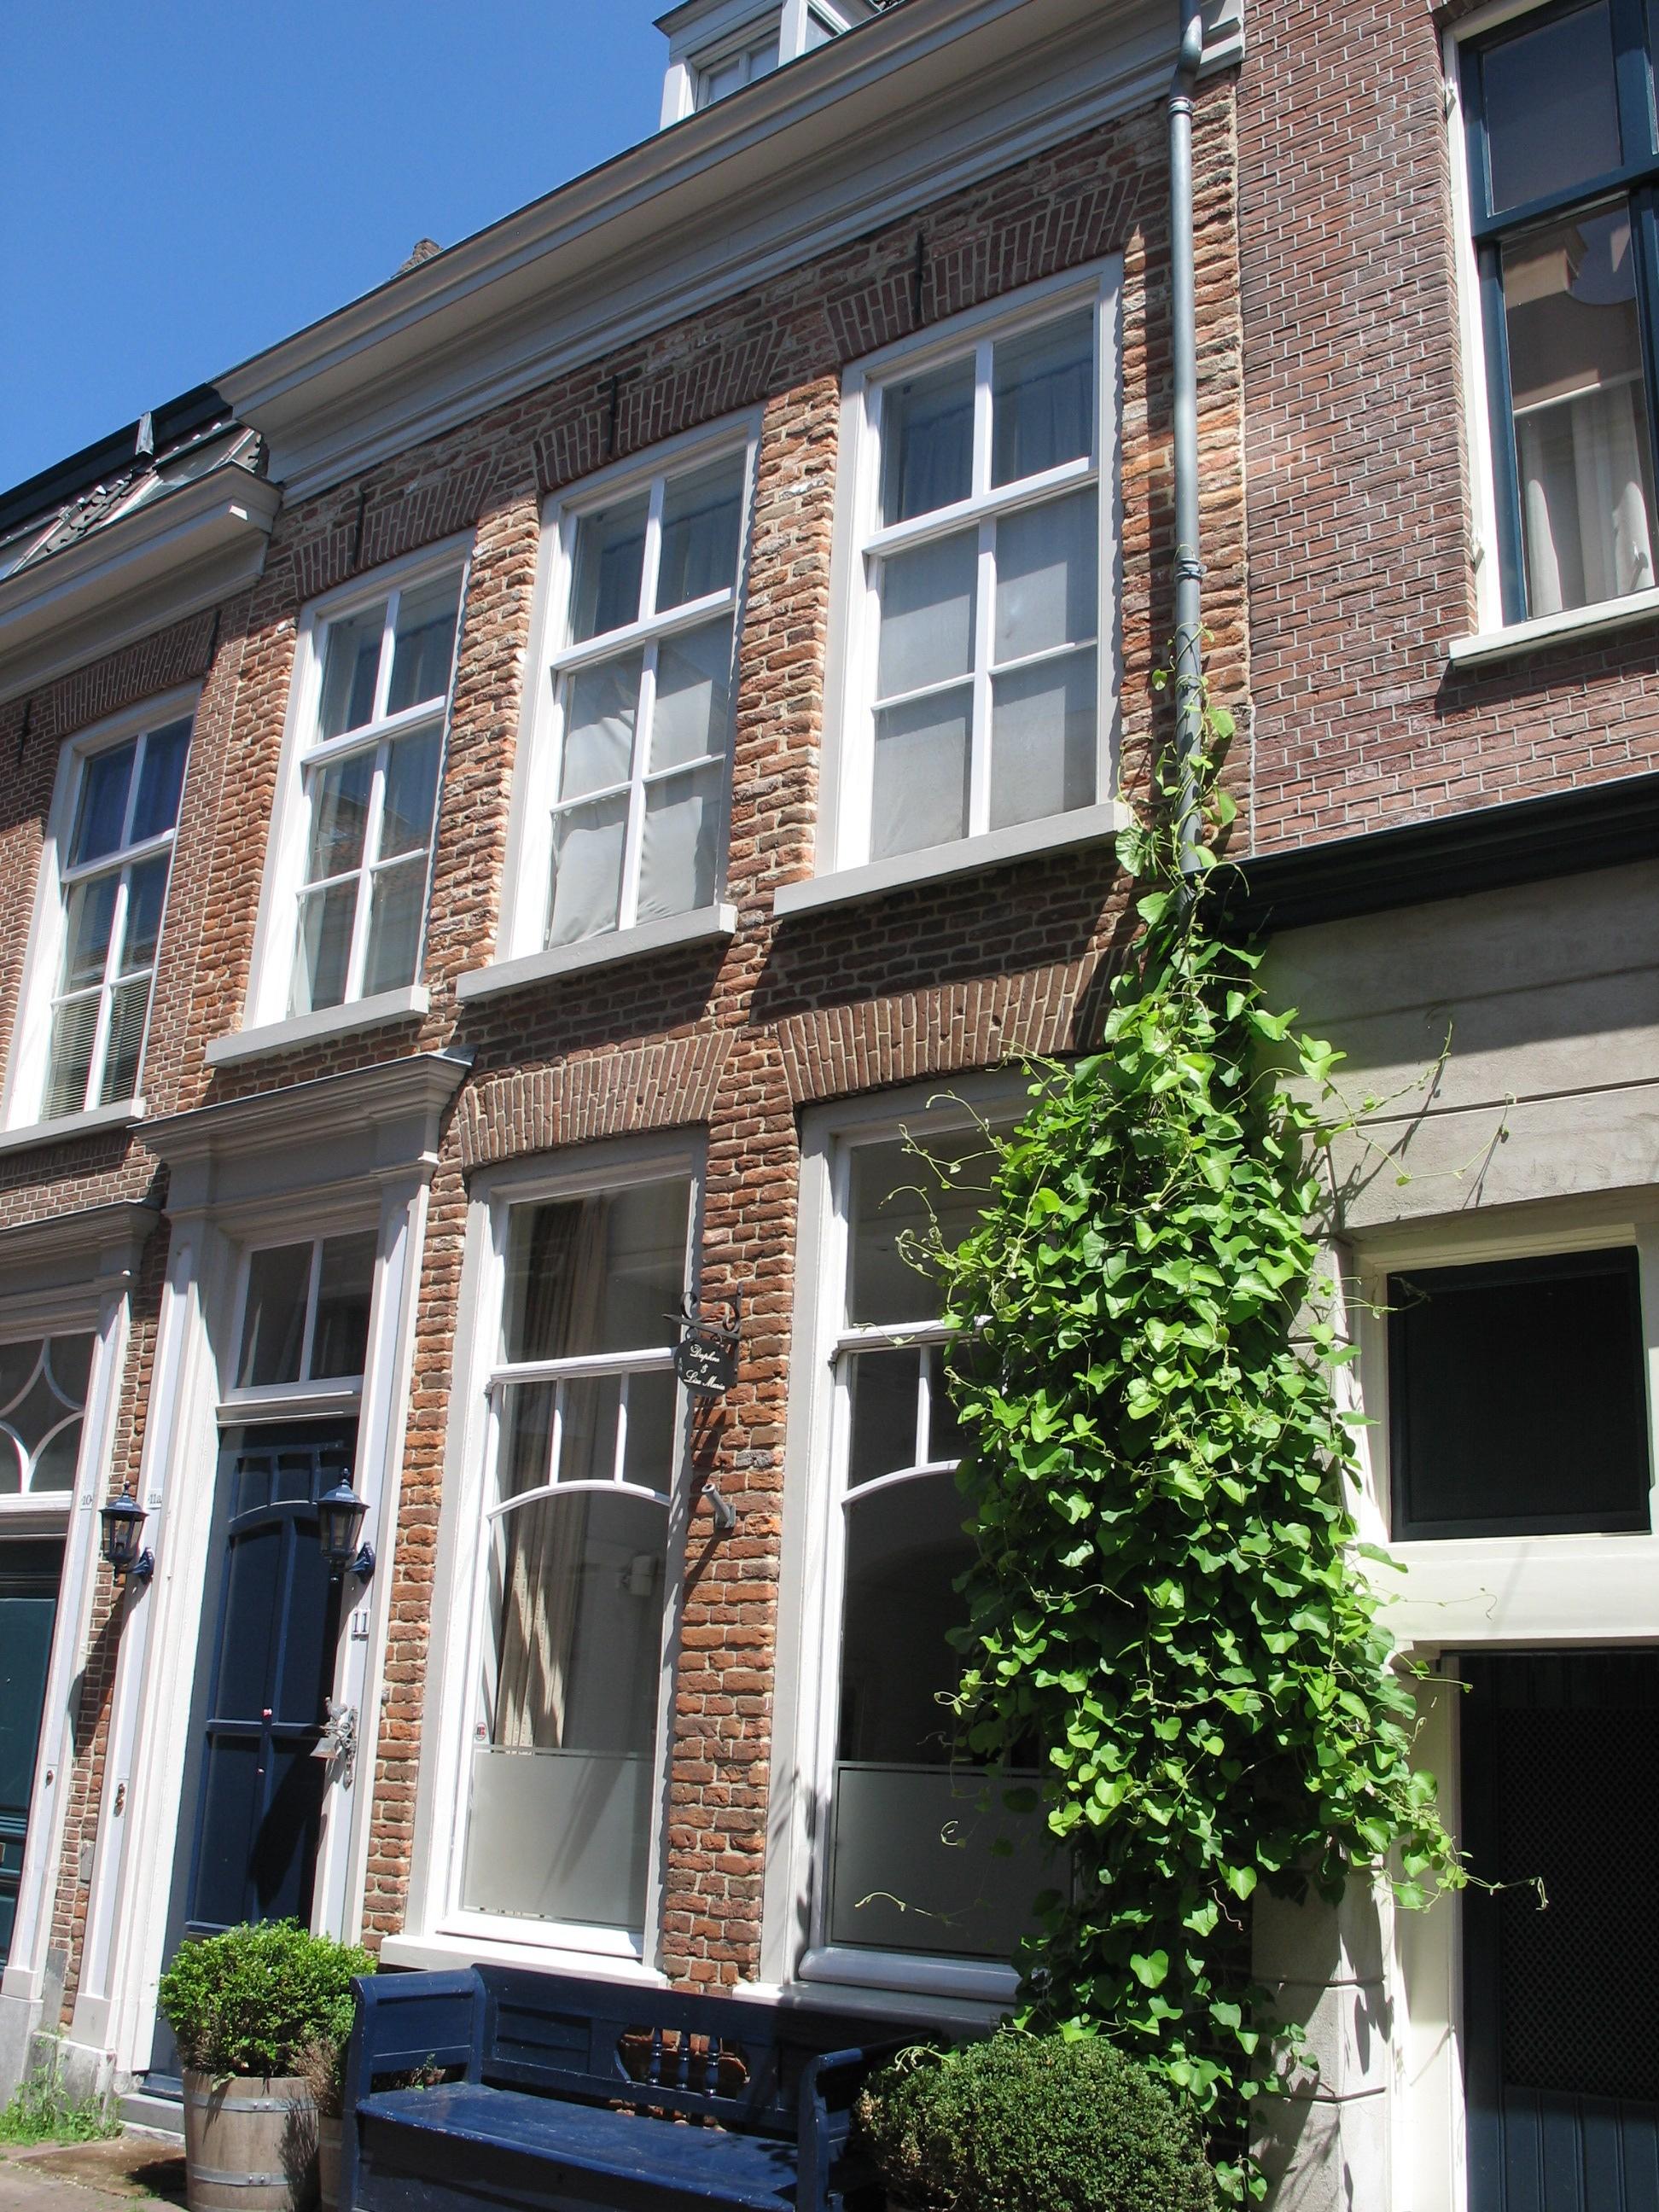 Huis met gevel opgetrokken uit 16e eeuwse moppen onder for Lijst inrichting huis